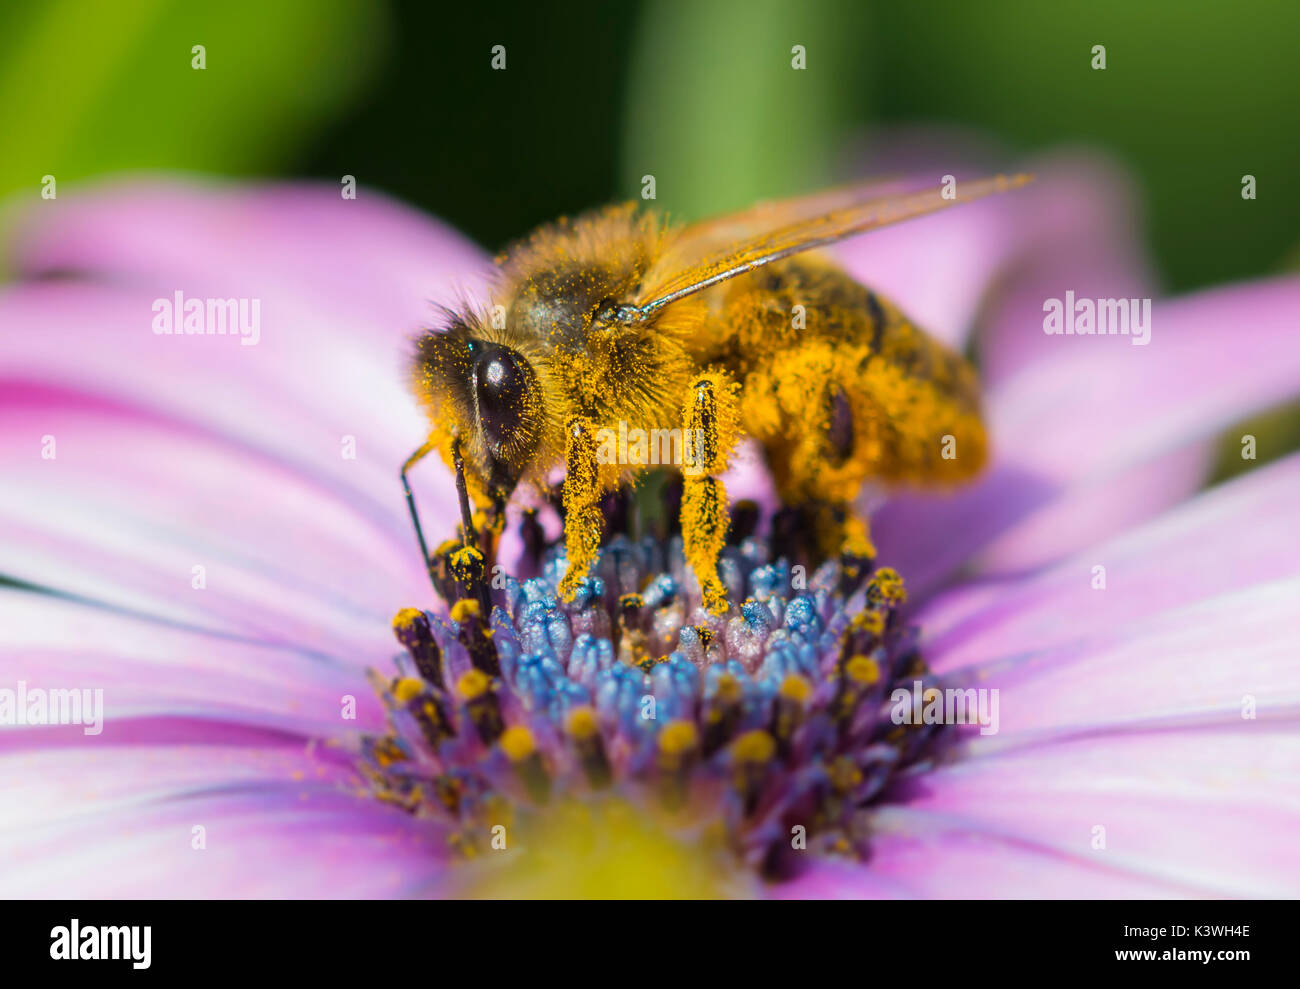 L'abeille européenne (Apis mellifera) sur un Osteospermum ecklonis (African daisy) pollinisent la fleur en Sussex, UK. Macro d'abeilles pollinisatrices. Photo Stock